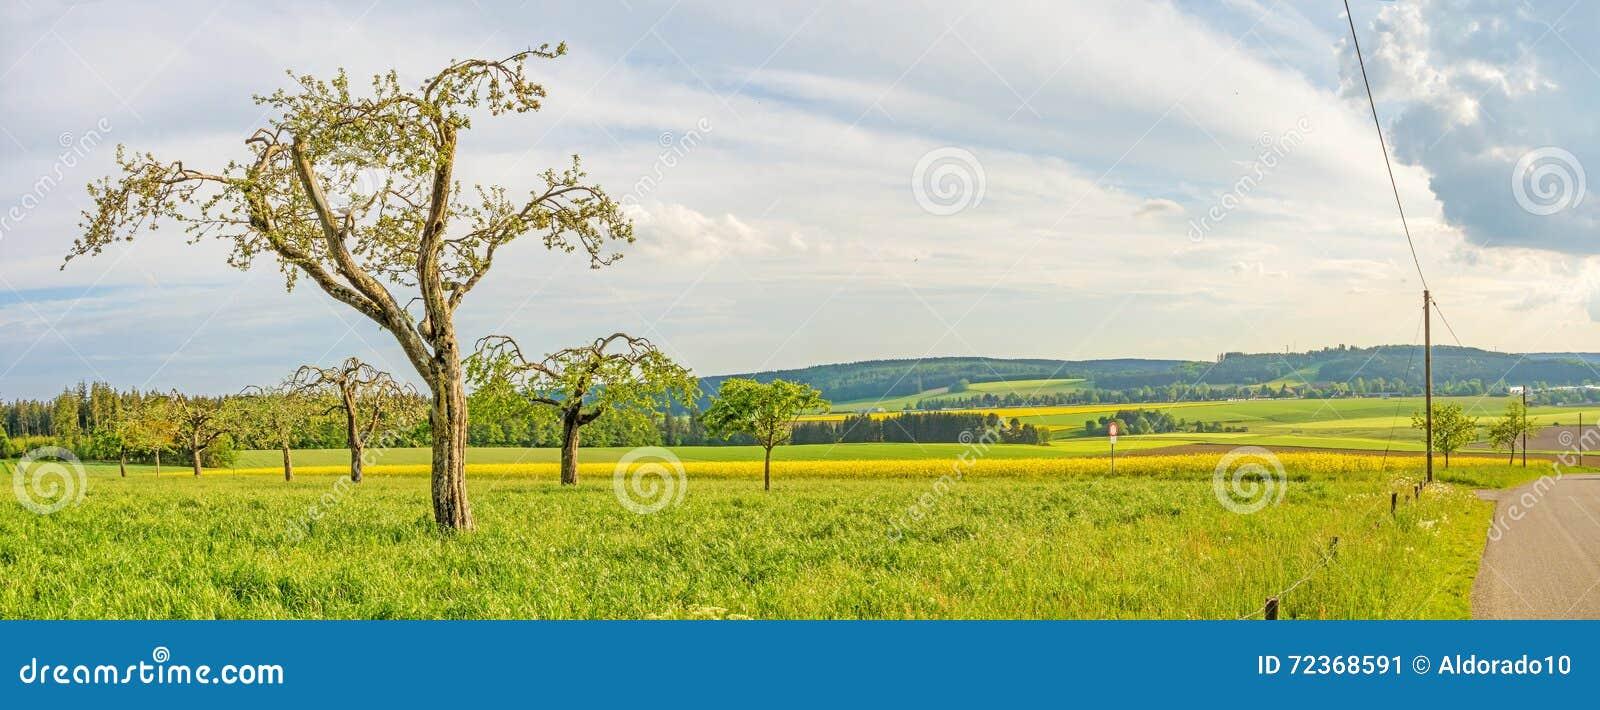 Prado verde com panorama das árvores de fruto - paisagem rural